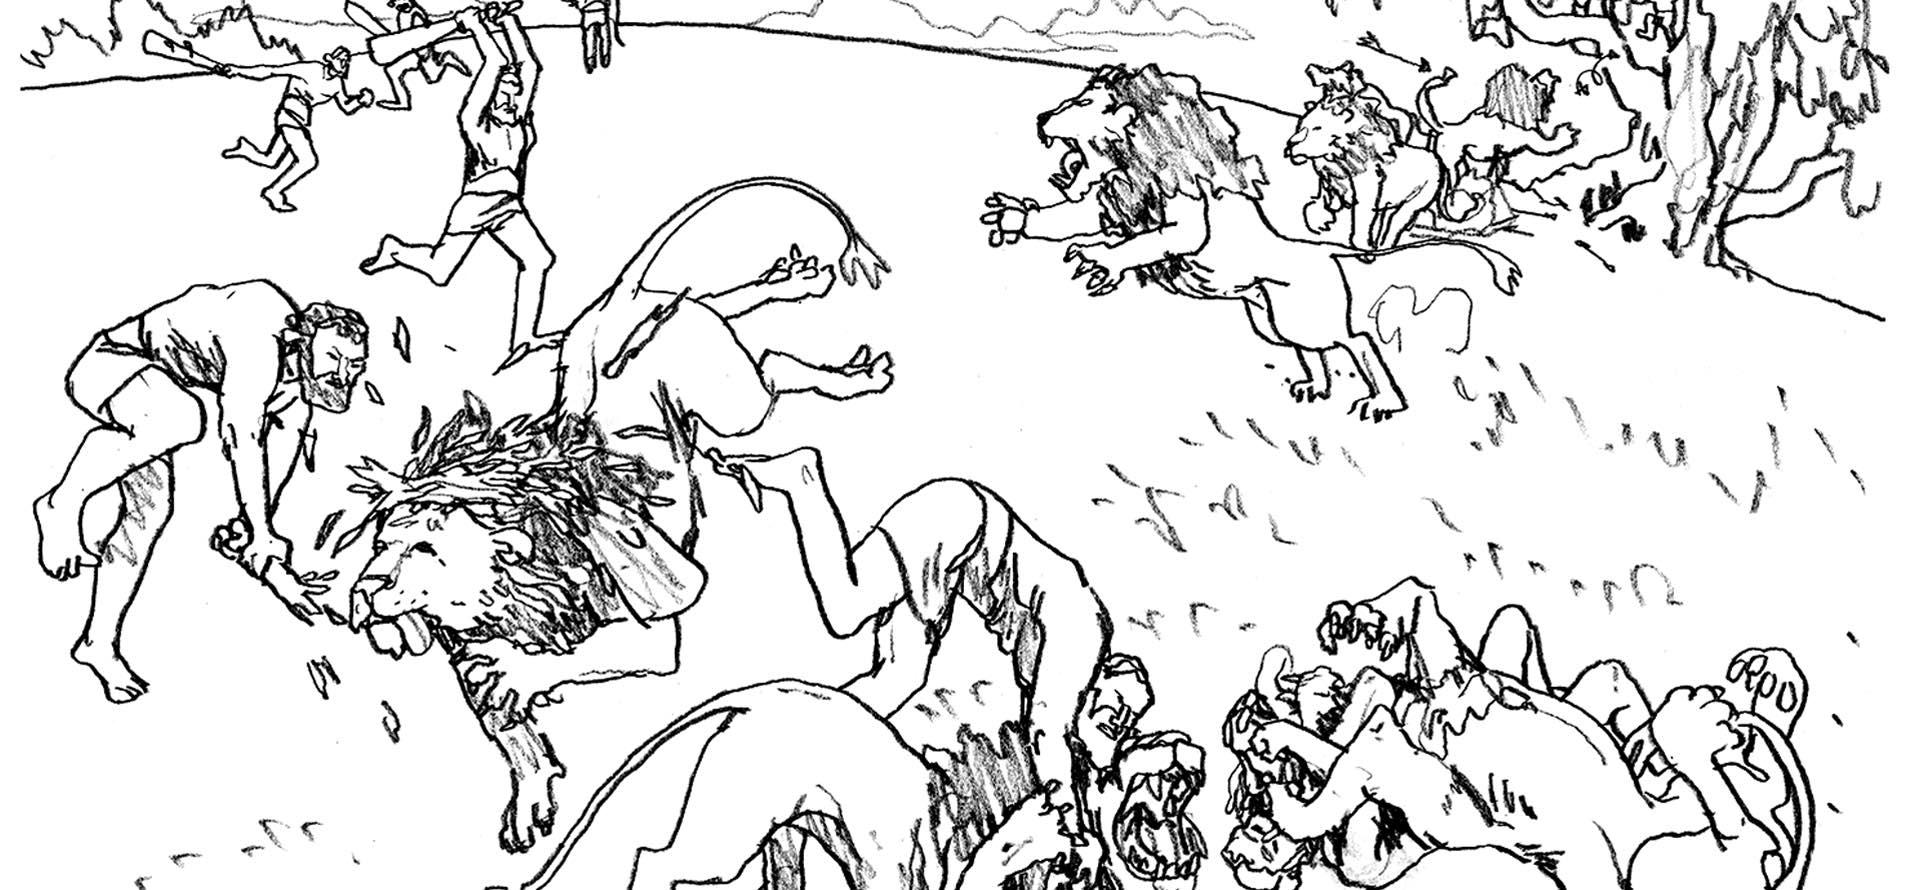 """Etapas criativas da cena """"A luta com o leão"""", da coleção Os 12 Trabalhos de Hércules, feitas por Daniloz."""